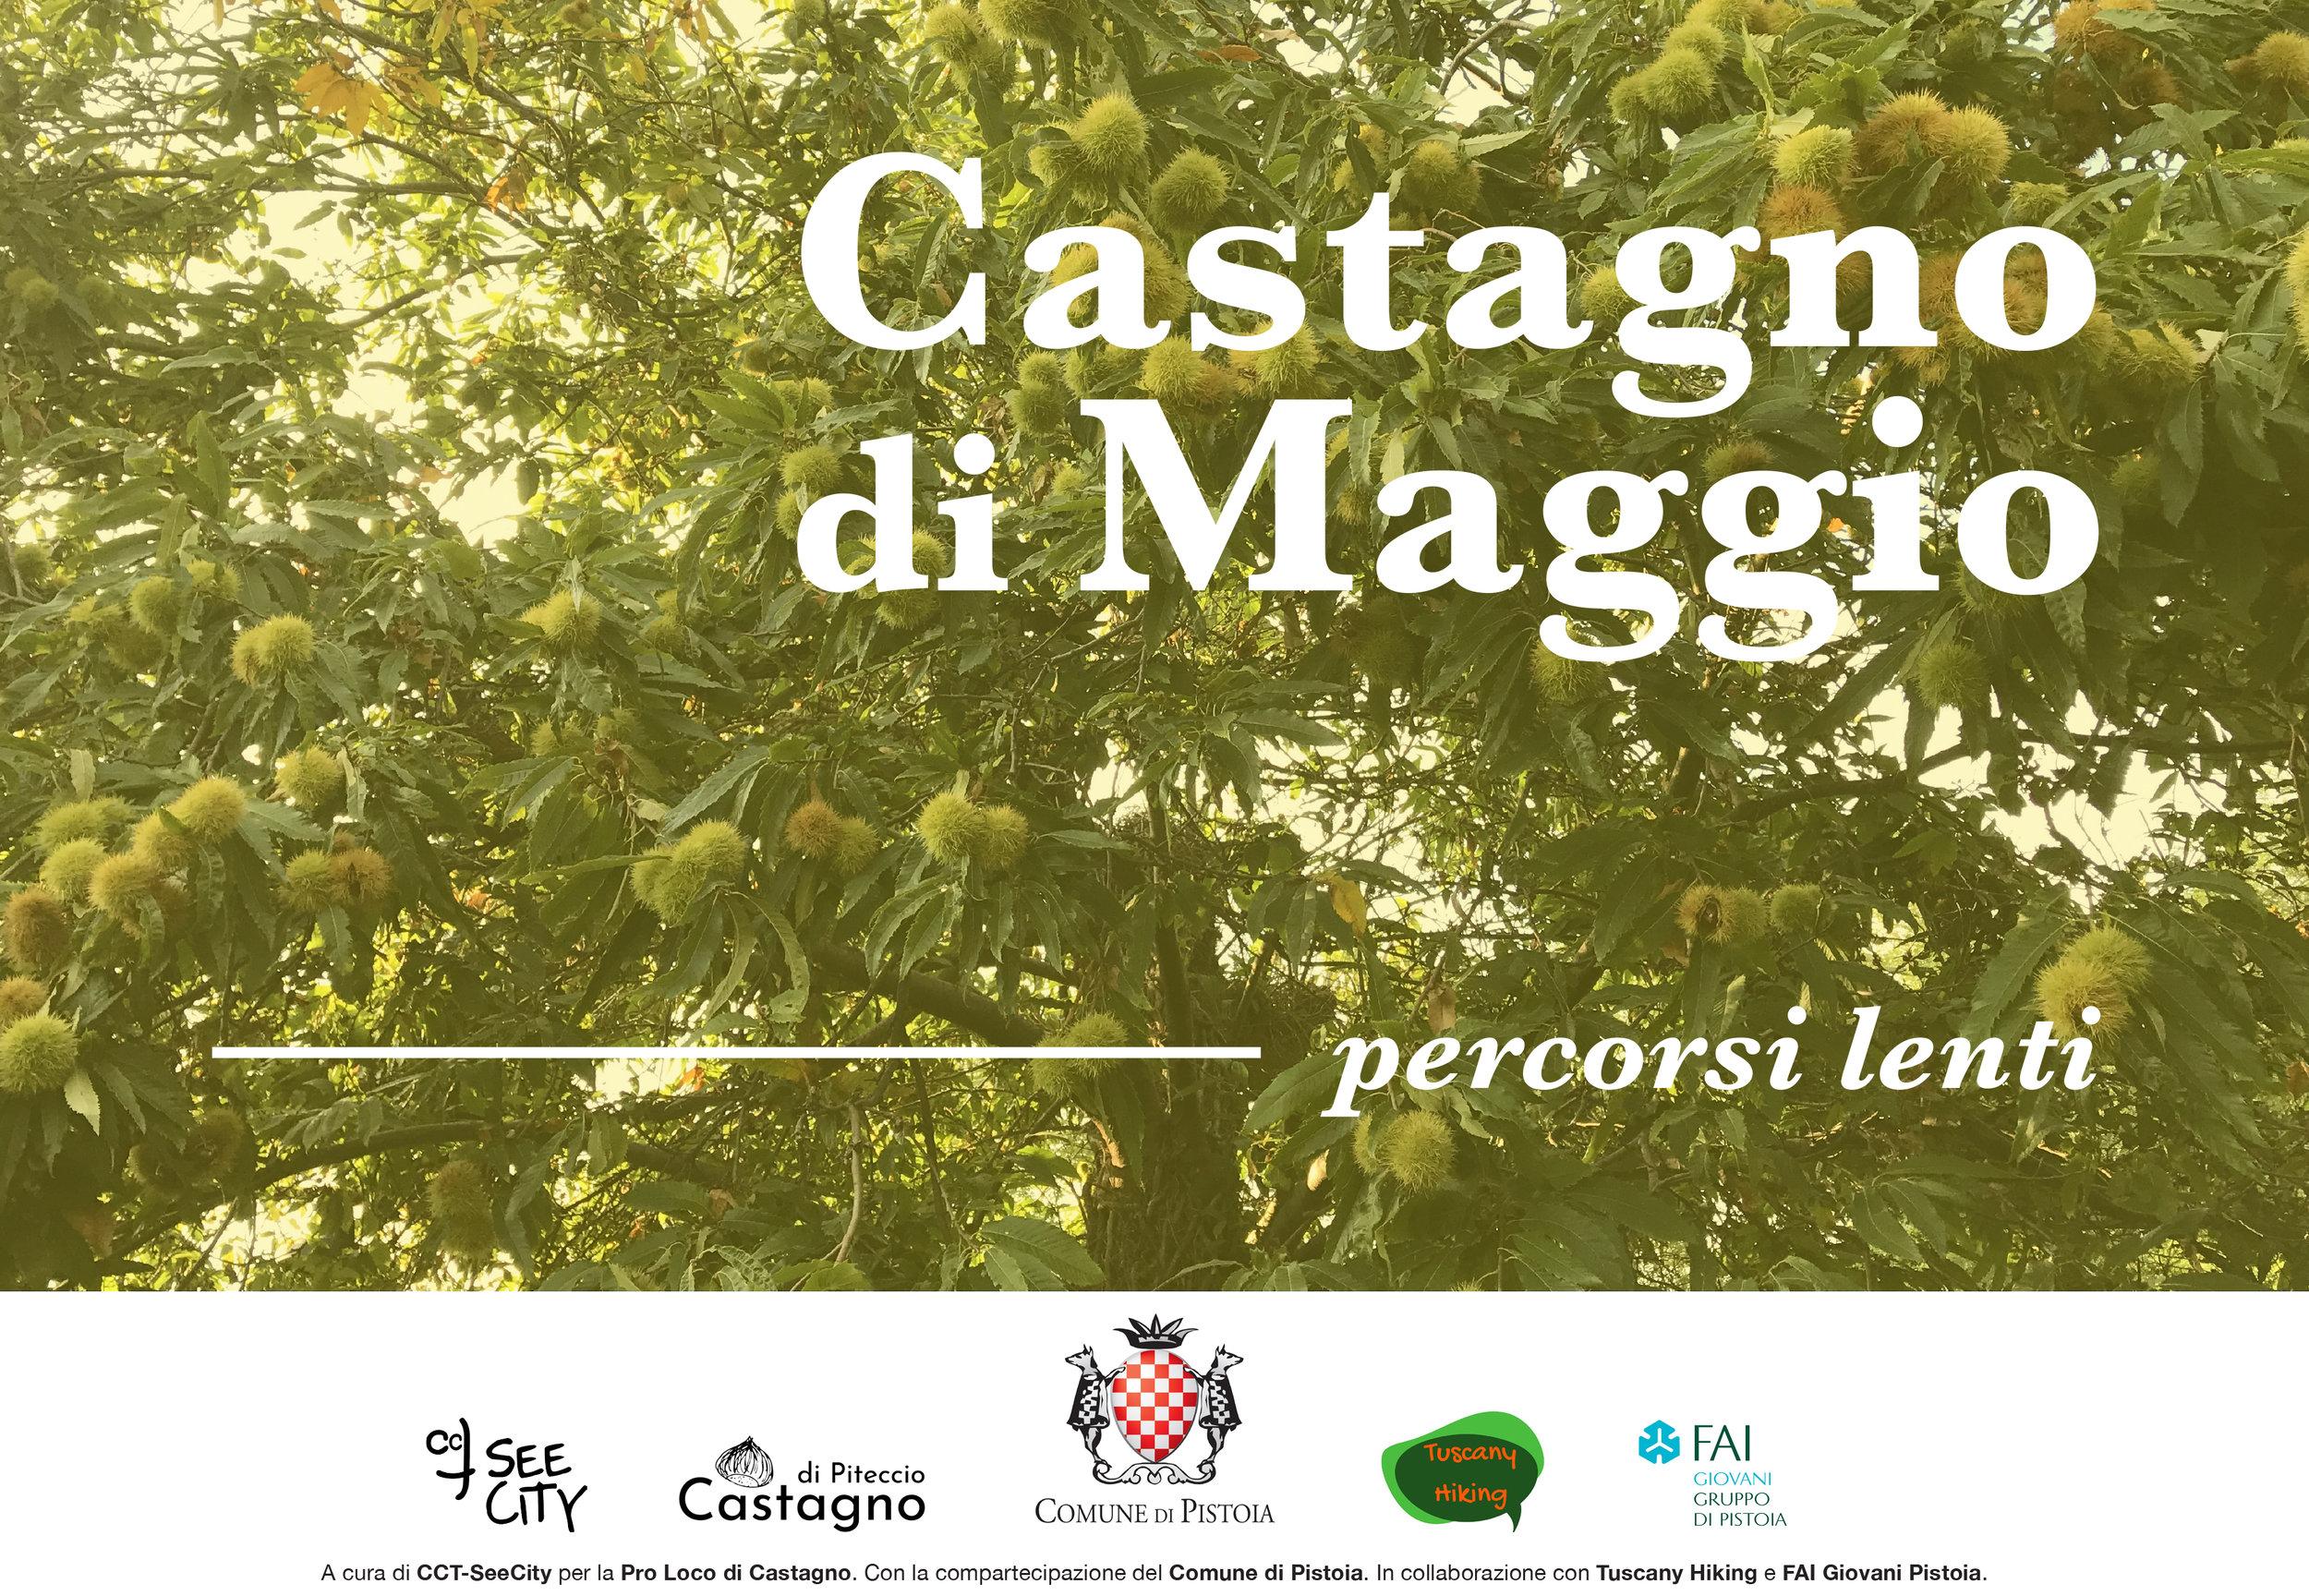 Castagno di Maggio - percorsi lenti - con loghi.jpg